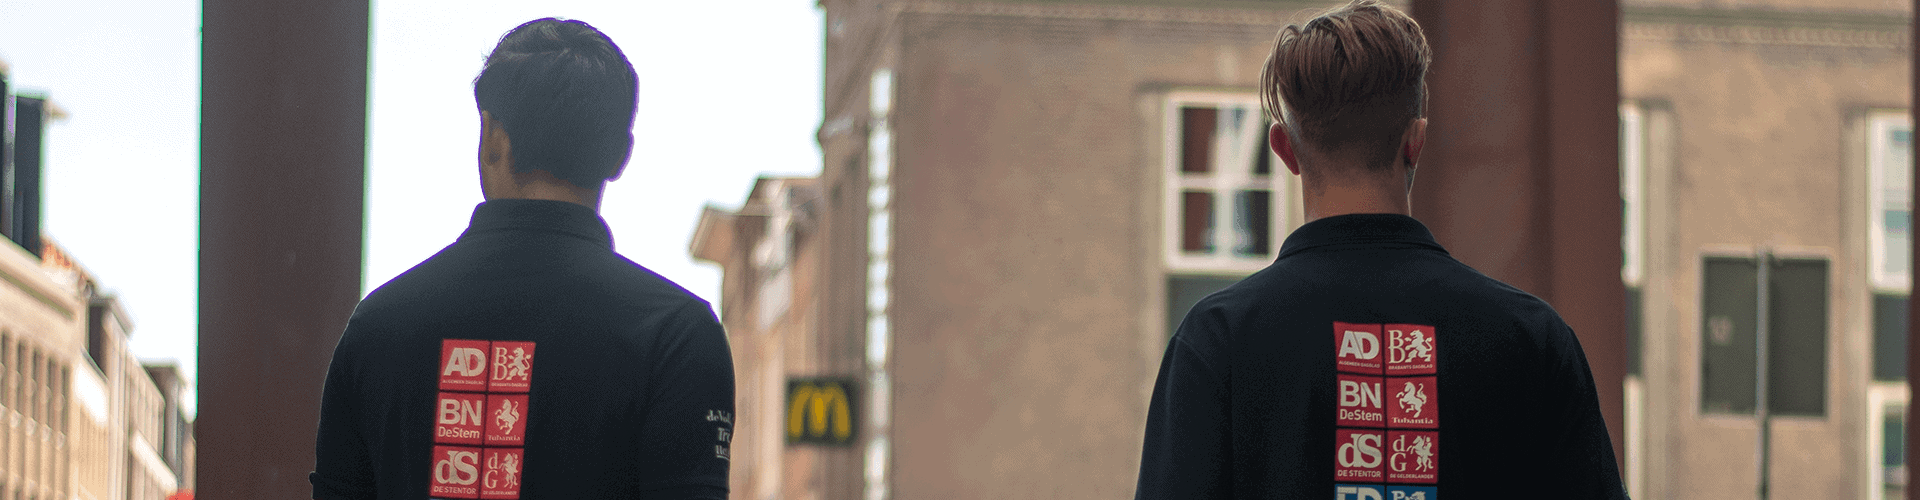 twee jongens in de stad met rug naar de camera